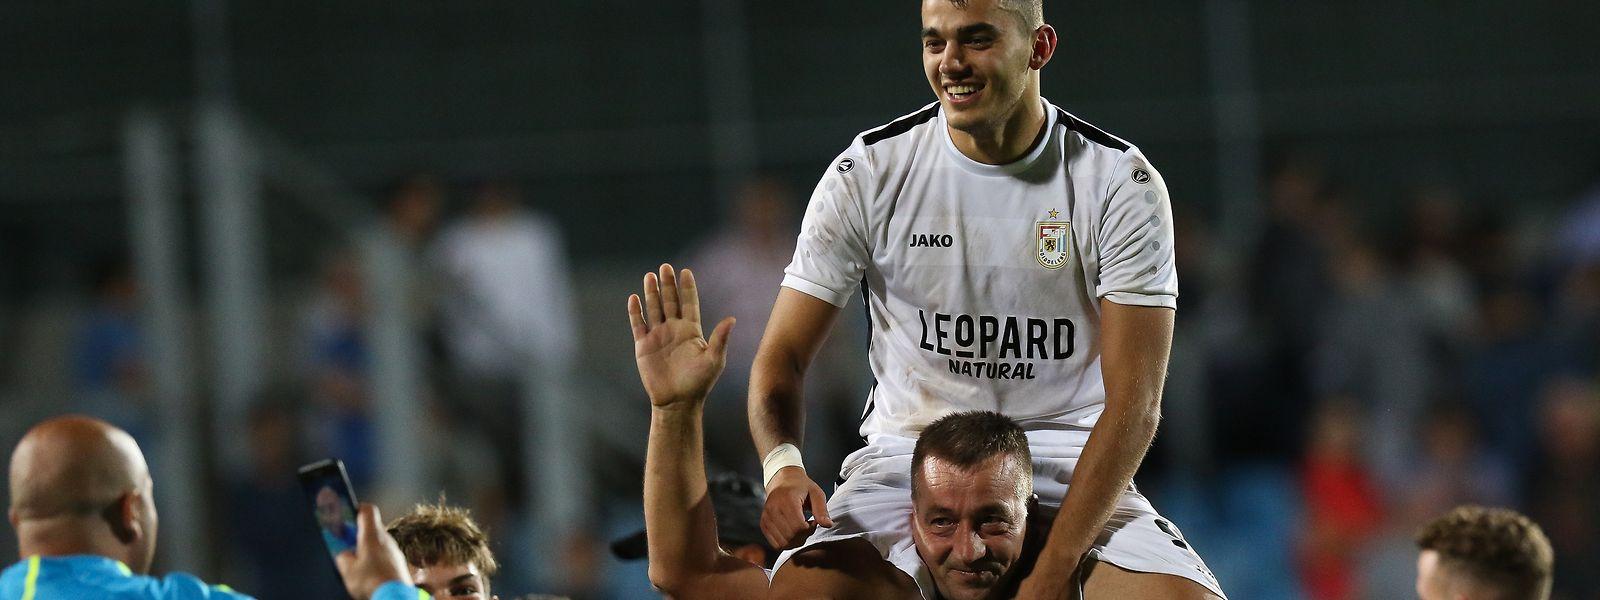 Danel Sinani n'est pas (encore?) sur le toit de l'Europe, mais la qualification dudelangeoise va rapporter gros au club